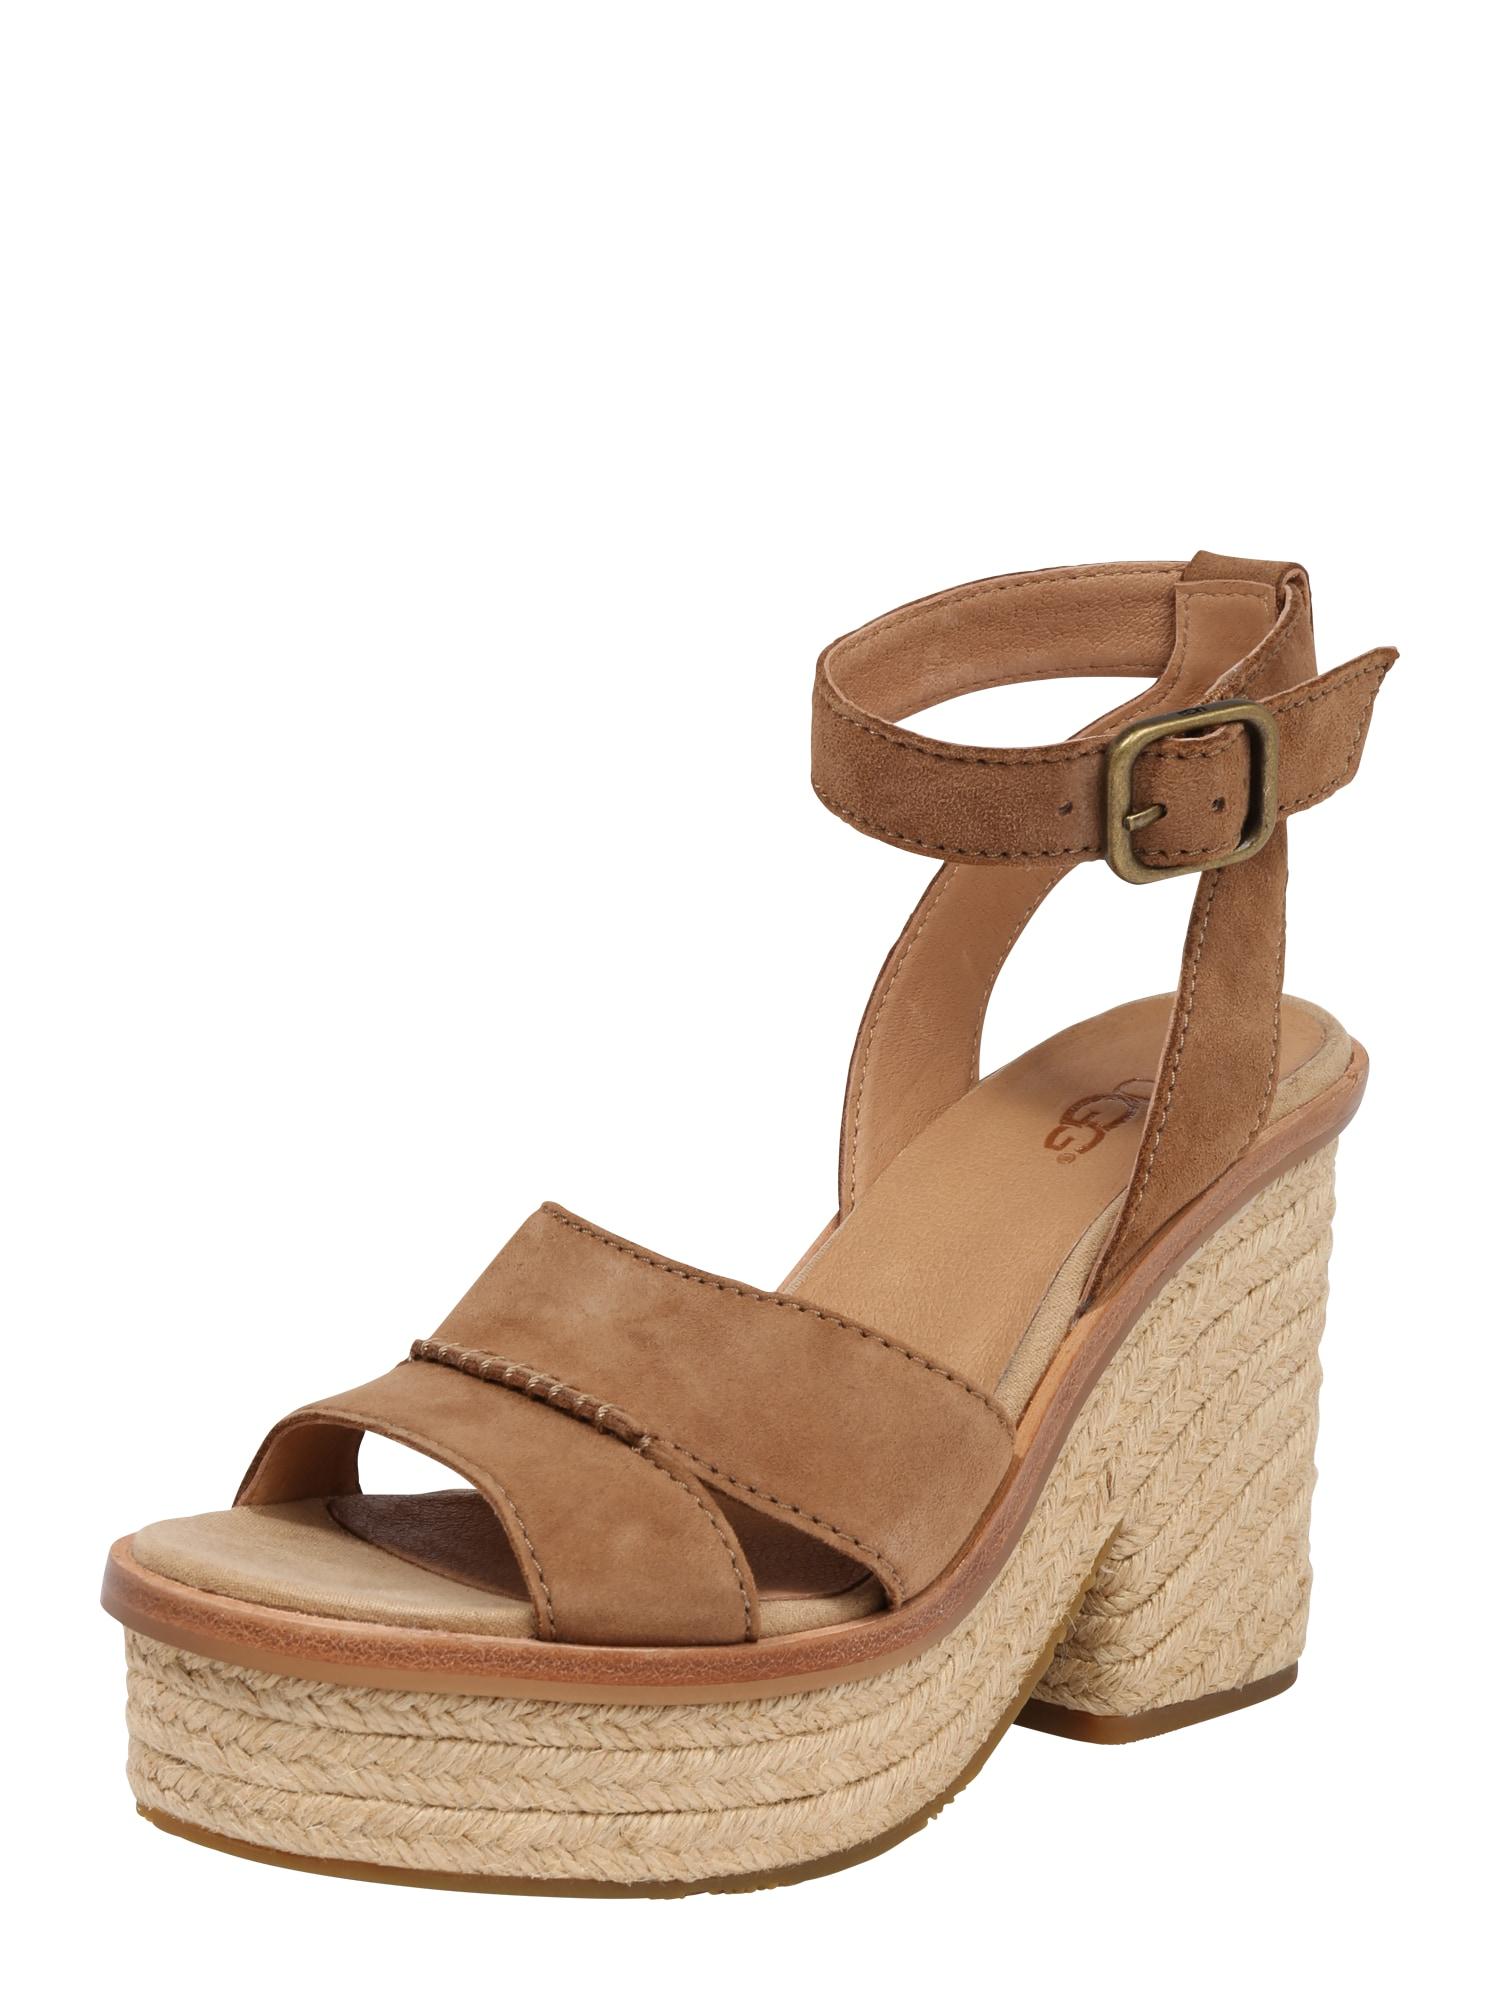 Páskové sandály Carine hnědá UGG